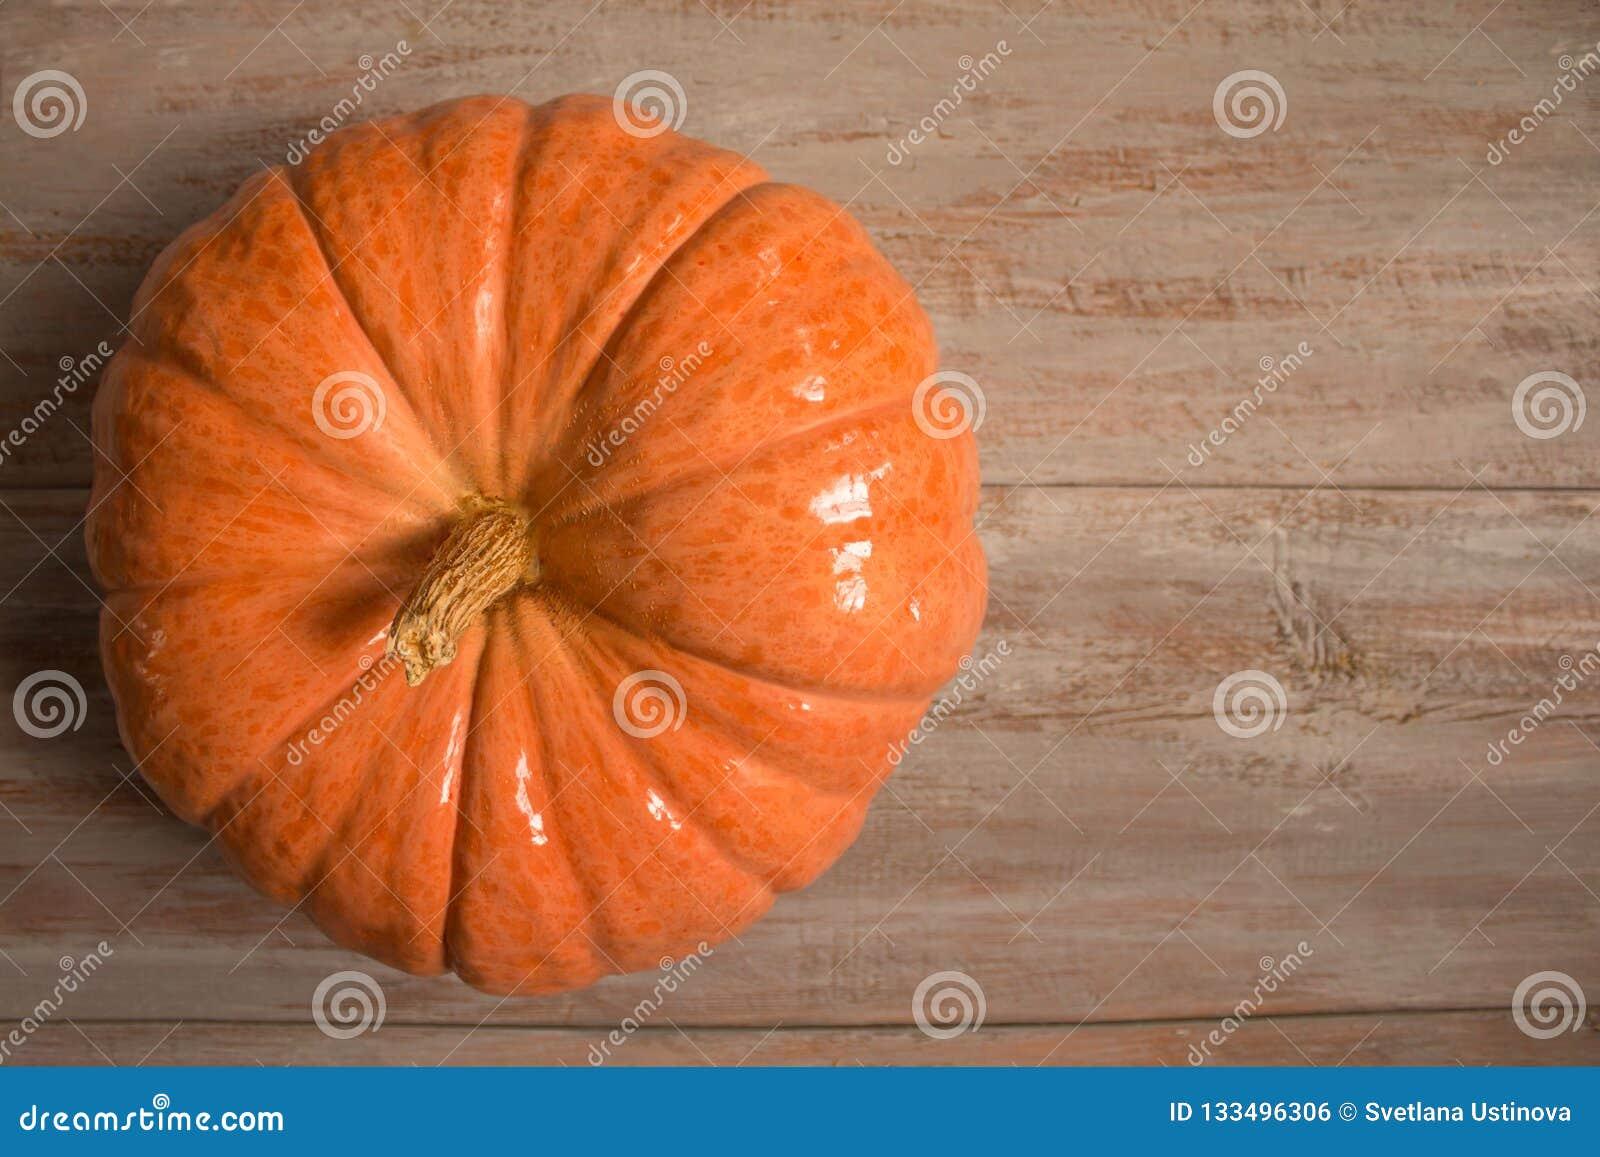 在木板的伟大的橙色南瓜